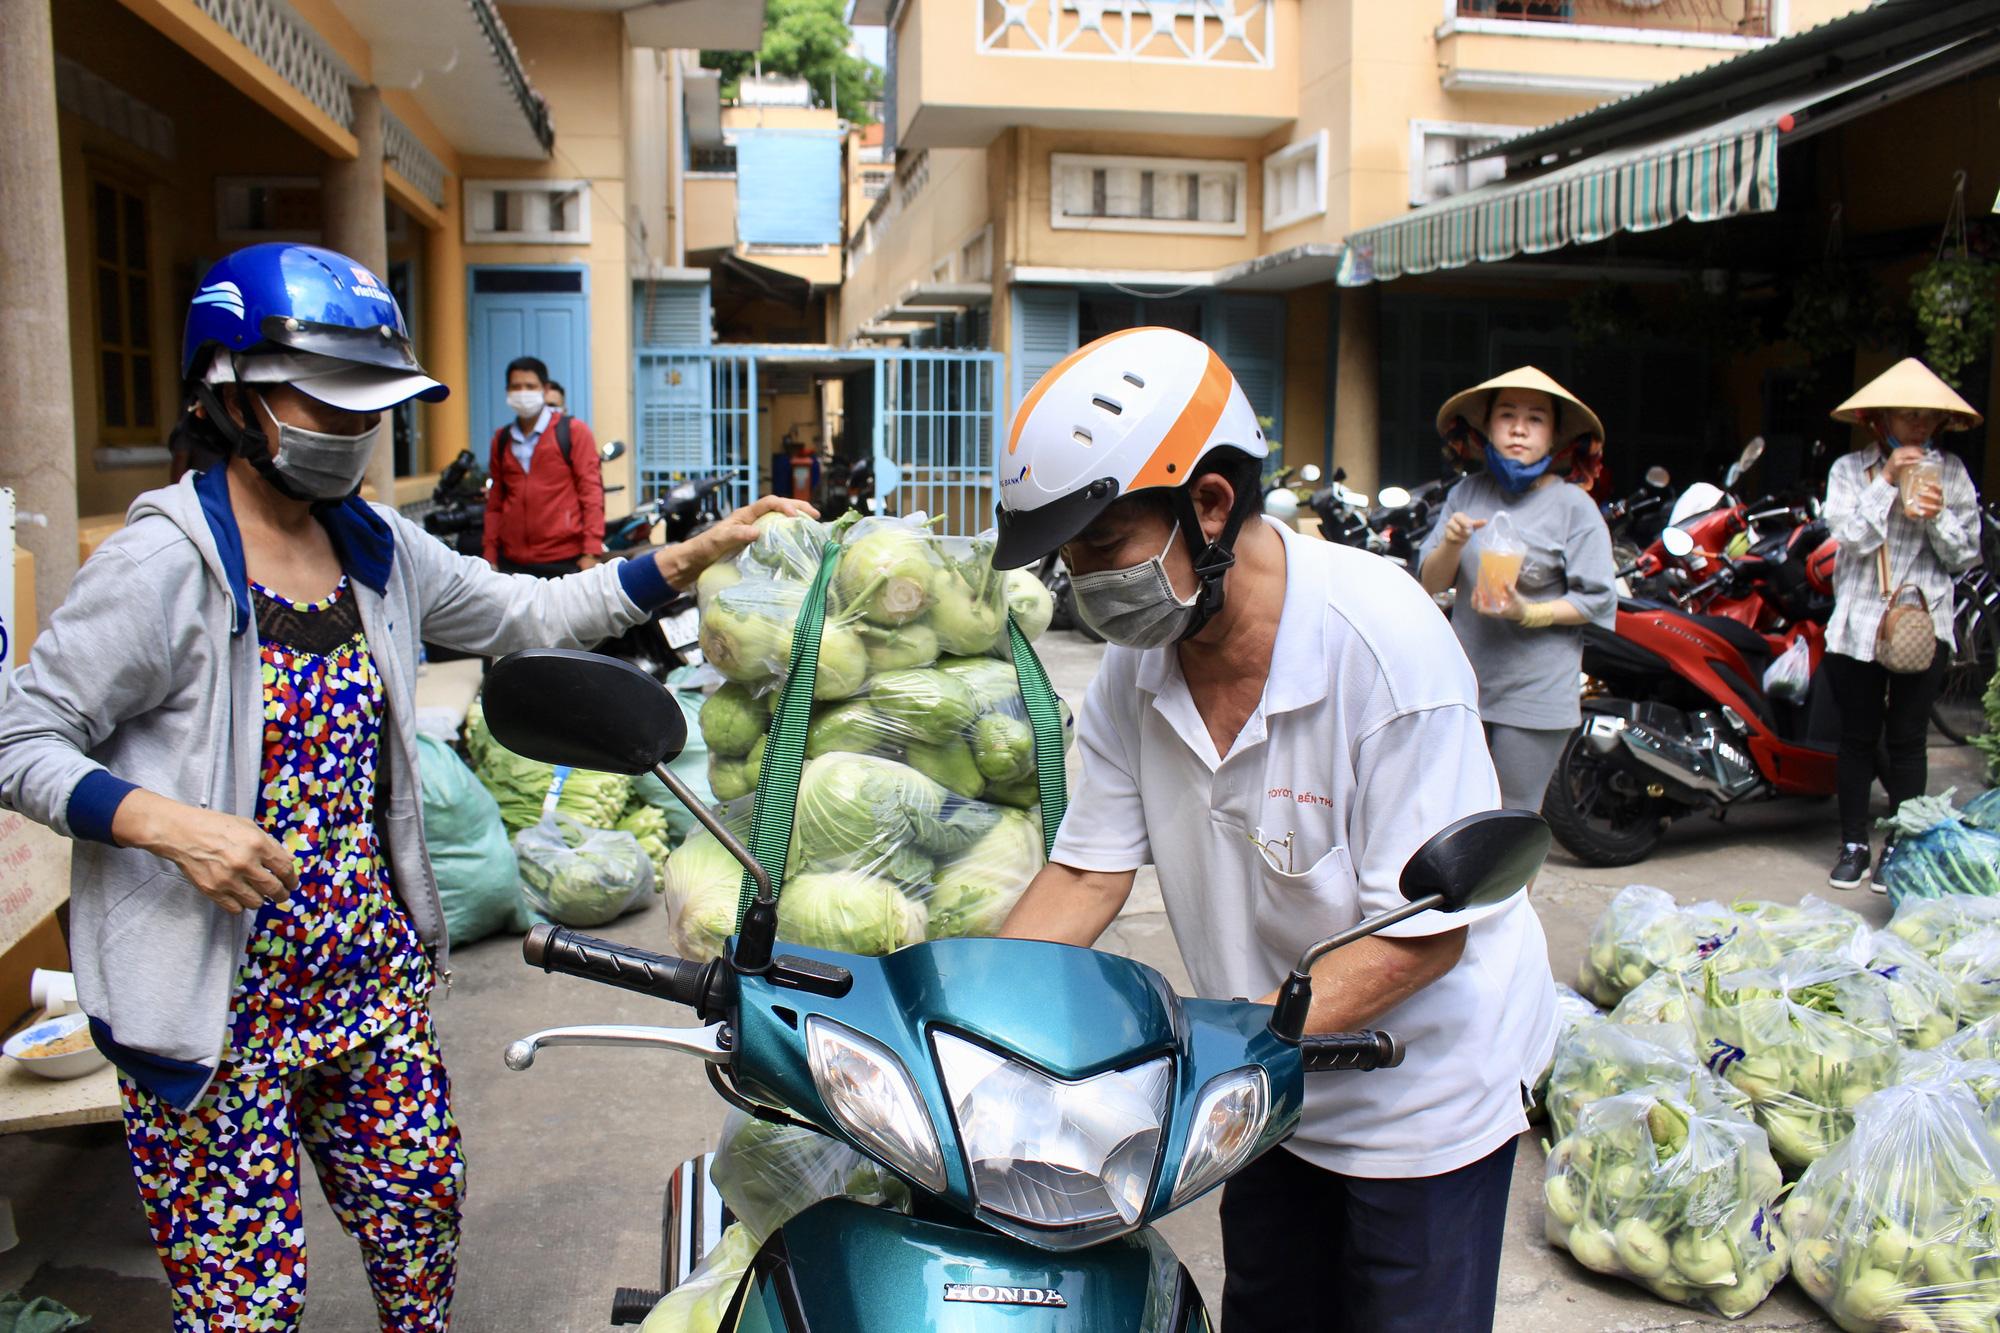 Ảnh: Cảm động người dân TP.HCM ùn ùn giải cứu rau củ Hải Dương, bưởi đặc sản hỗ trợ nông dân - Ảnh 5.